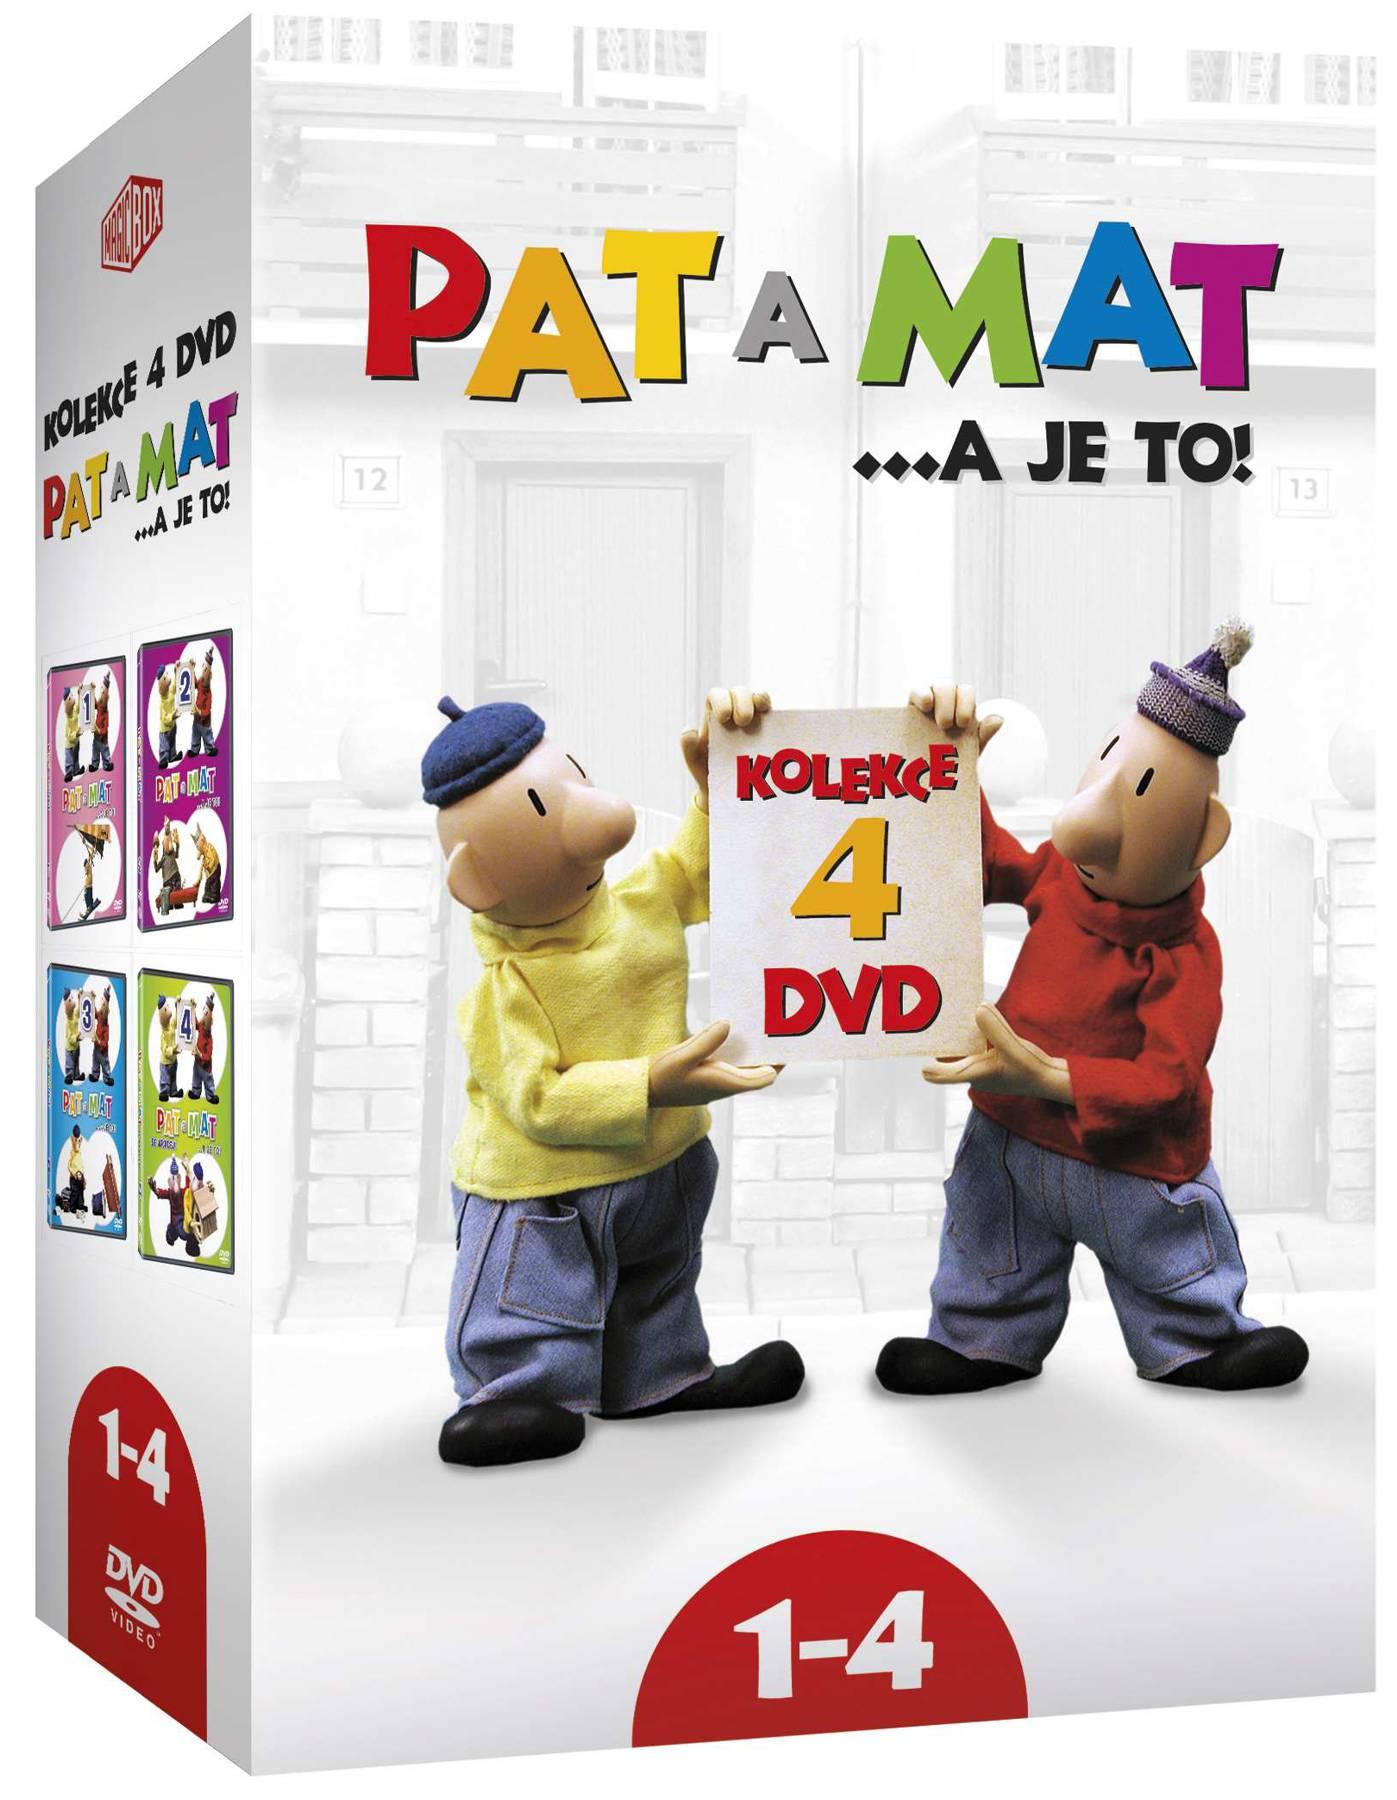 PAT A MAT (A JE TO) 1-4 KOLEKCE - 4 DVD